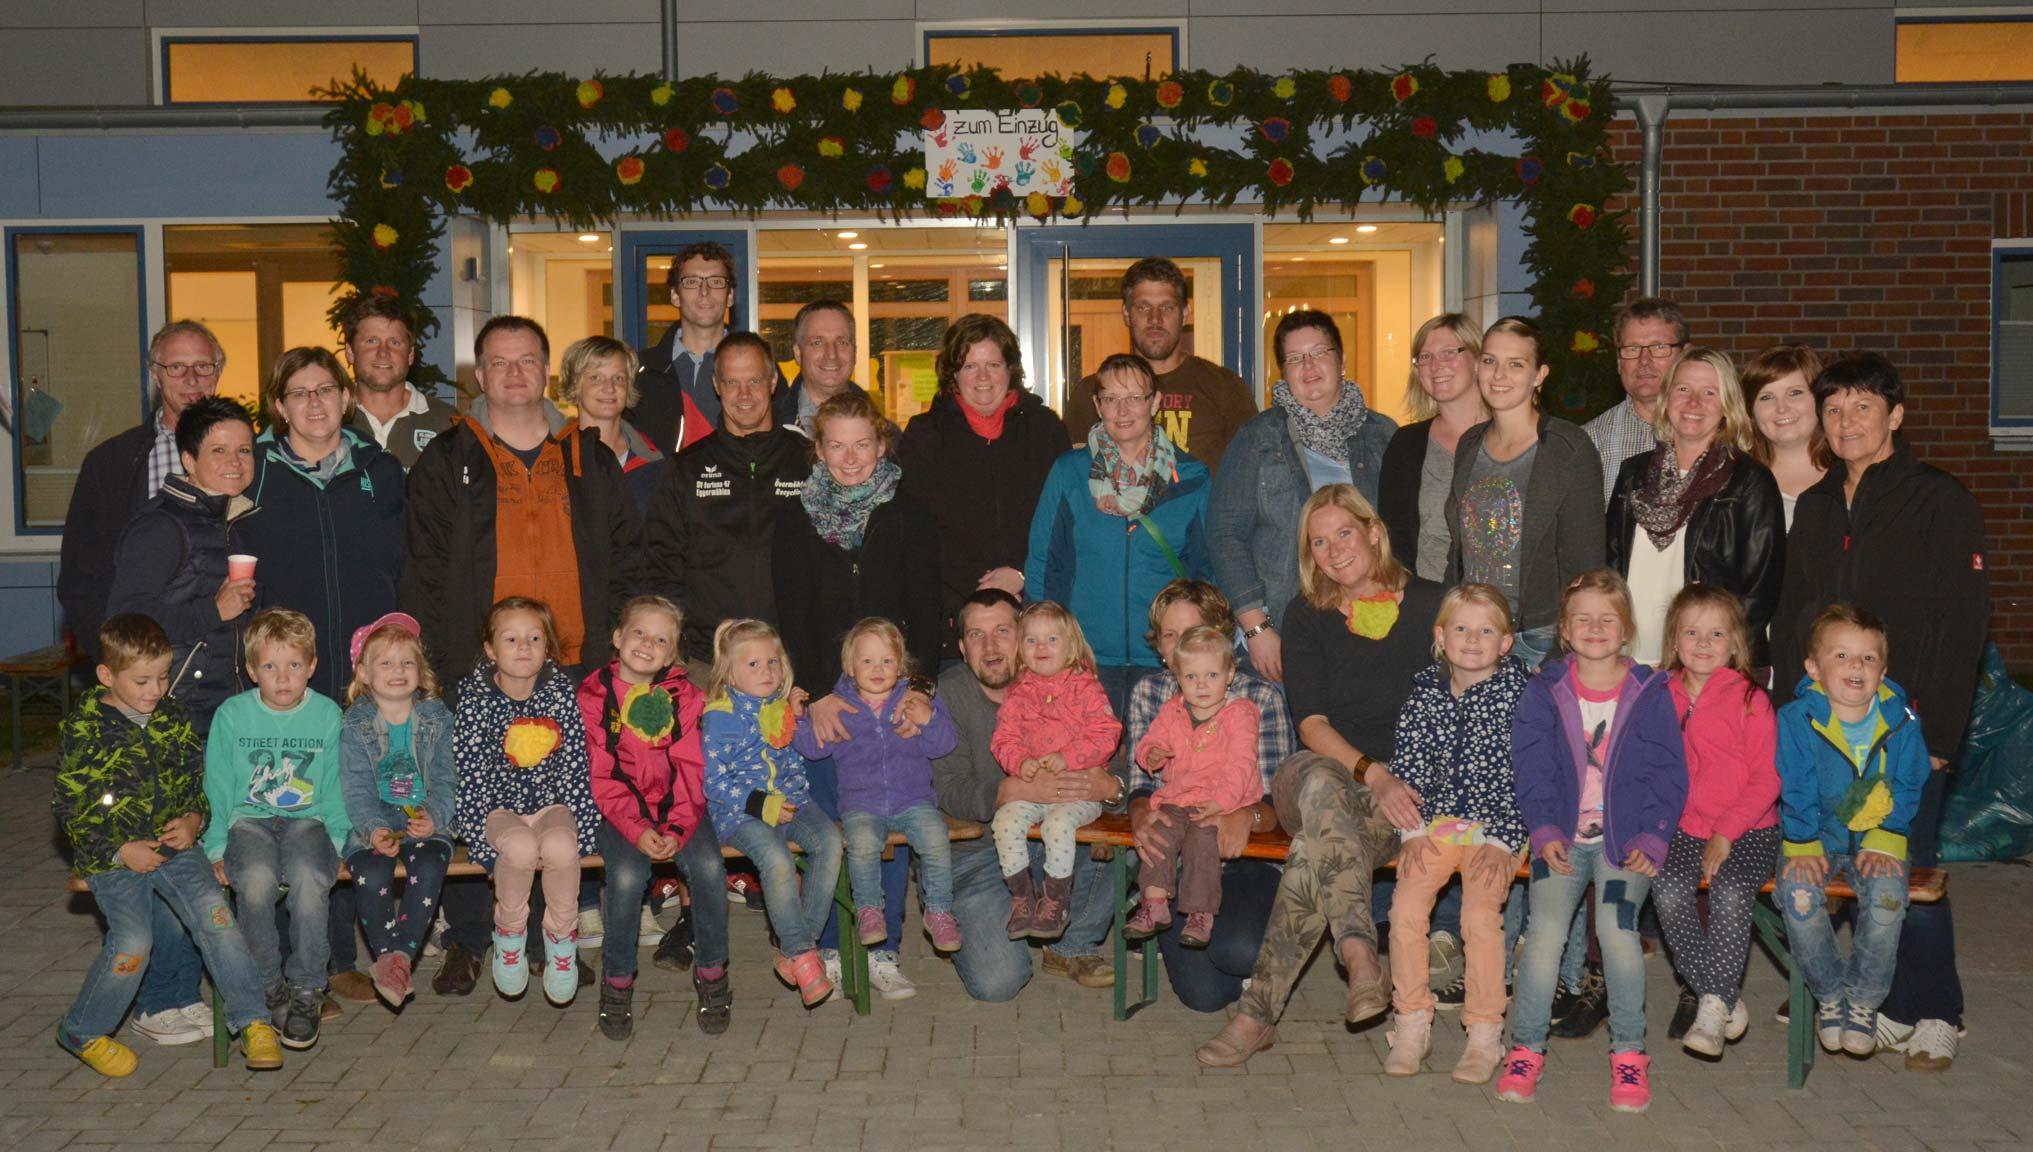 Mit einem prächtigen Kranz schmückten Eltern und Kinder den Eingang der neuen Kita